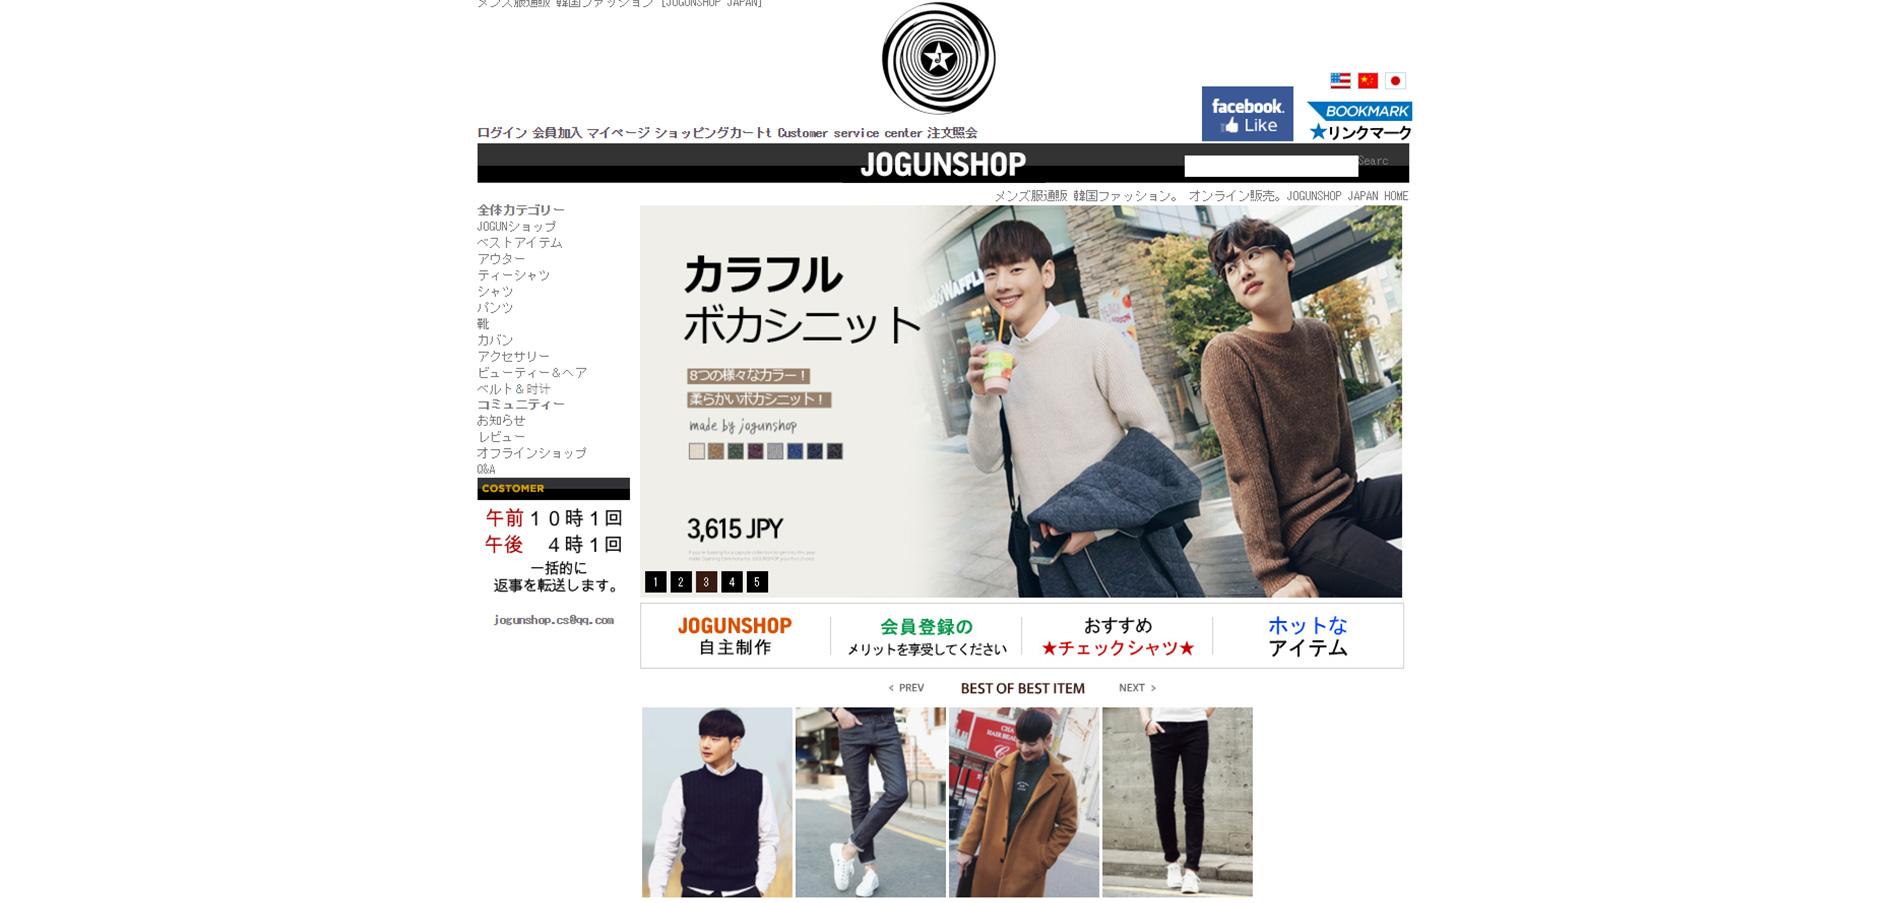 オシャレ男子に人気のメンズ韓国服(オルチャンファッション)通販サイトJOGUNSHOP